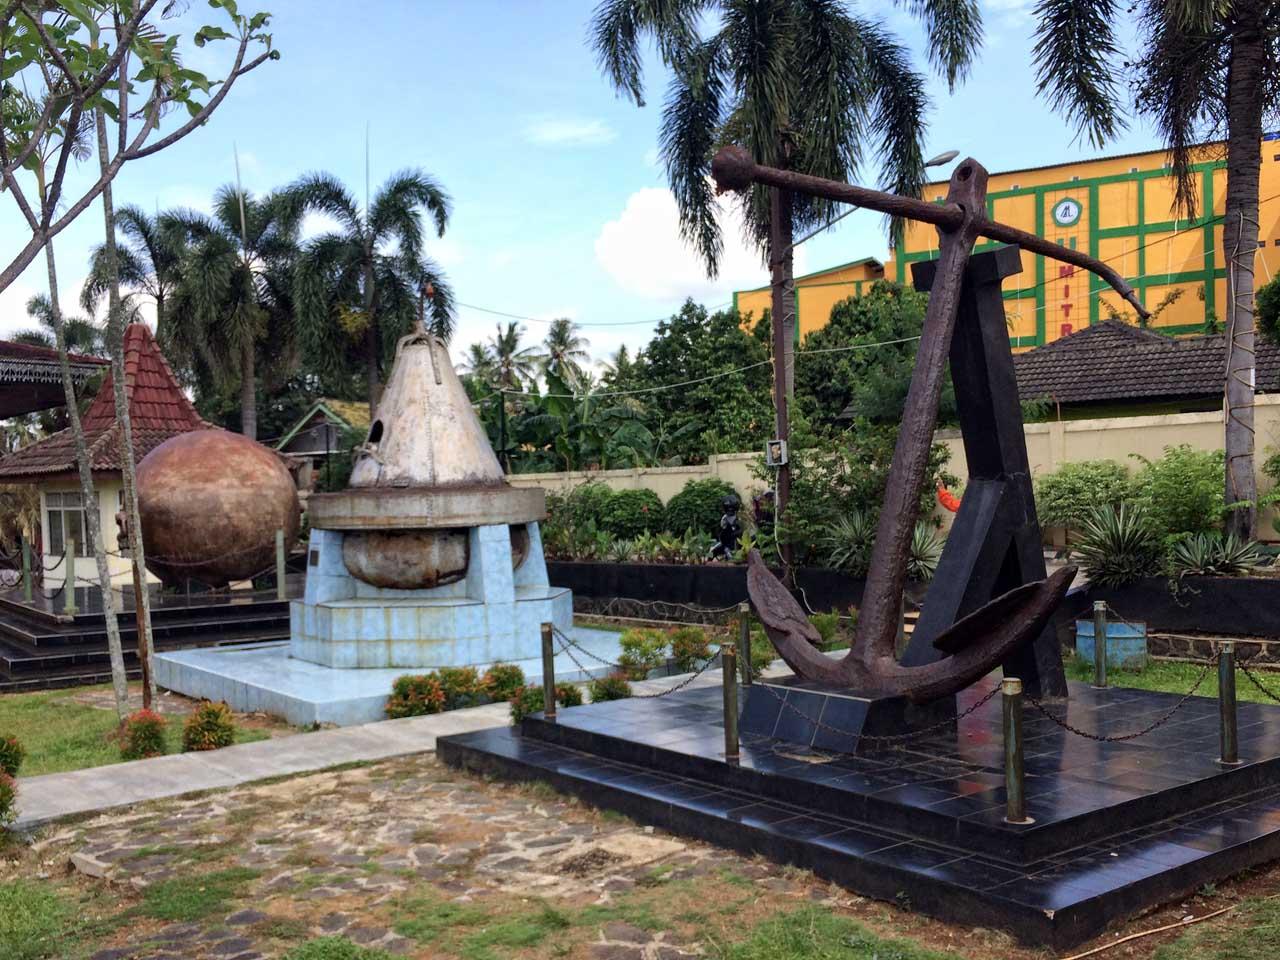 Koleksi Museum Lampung - Yopie Pangkey - 1